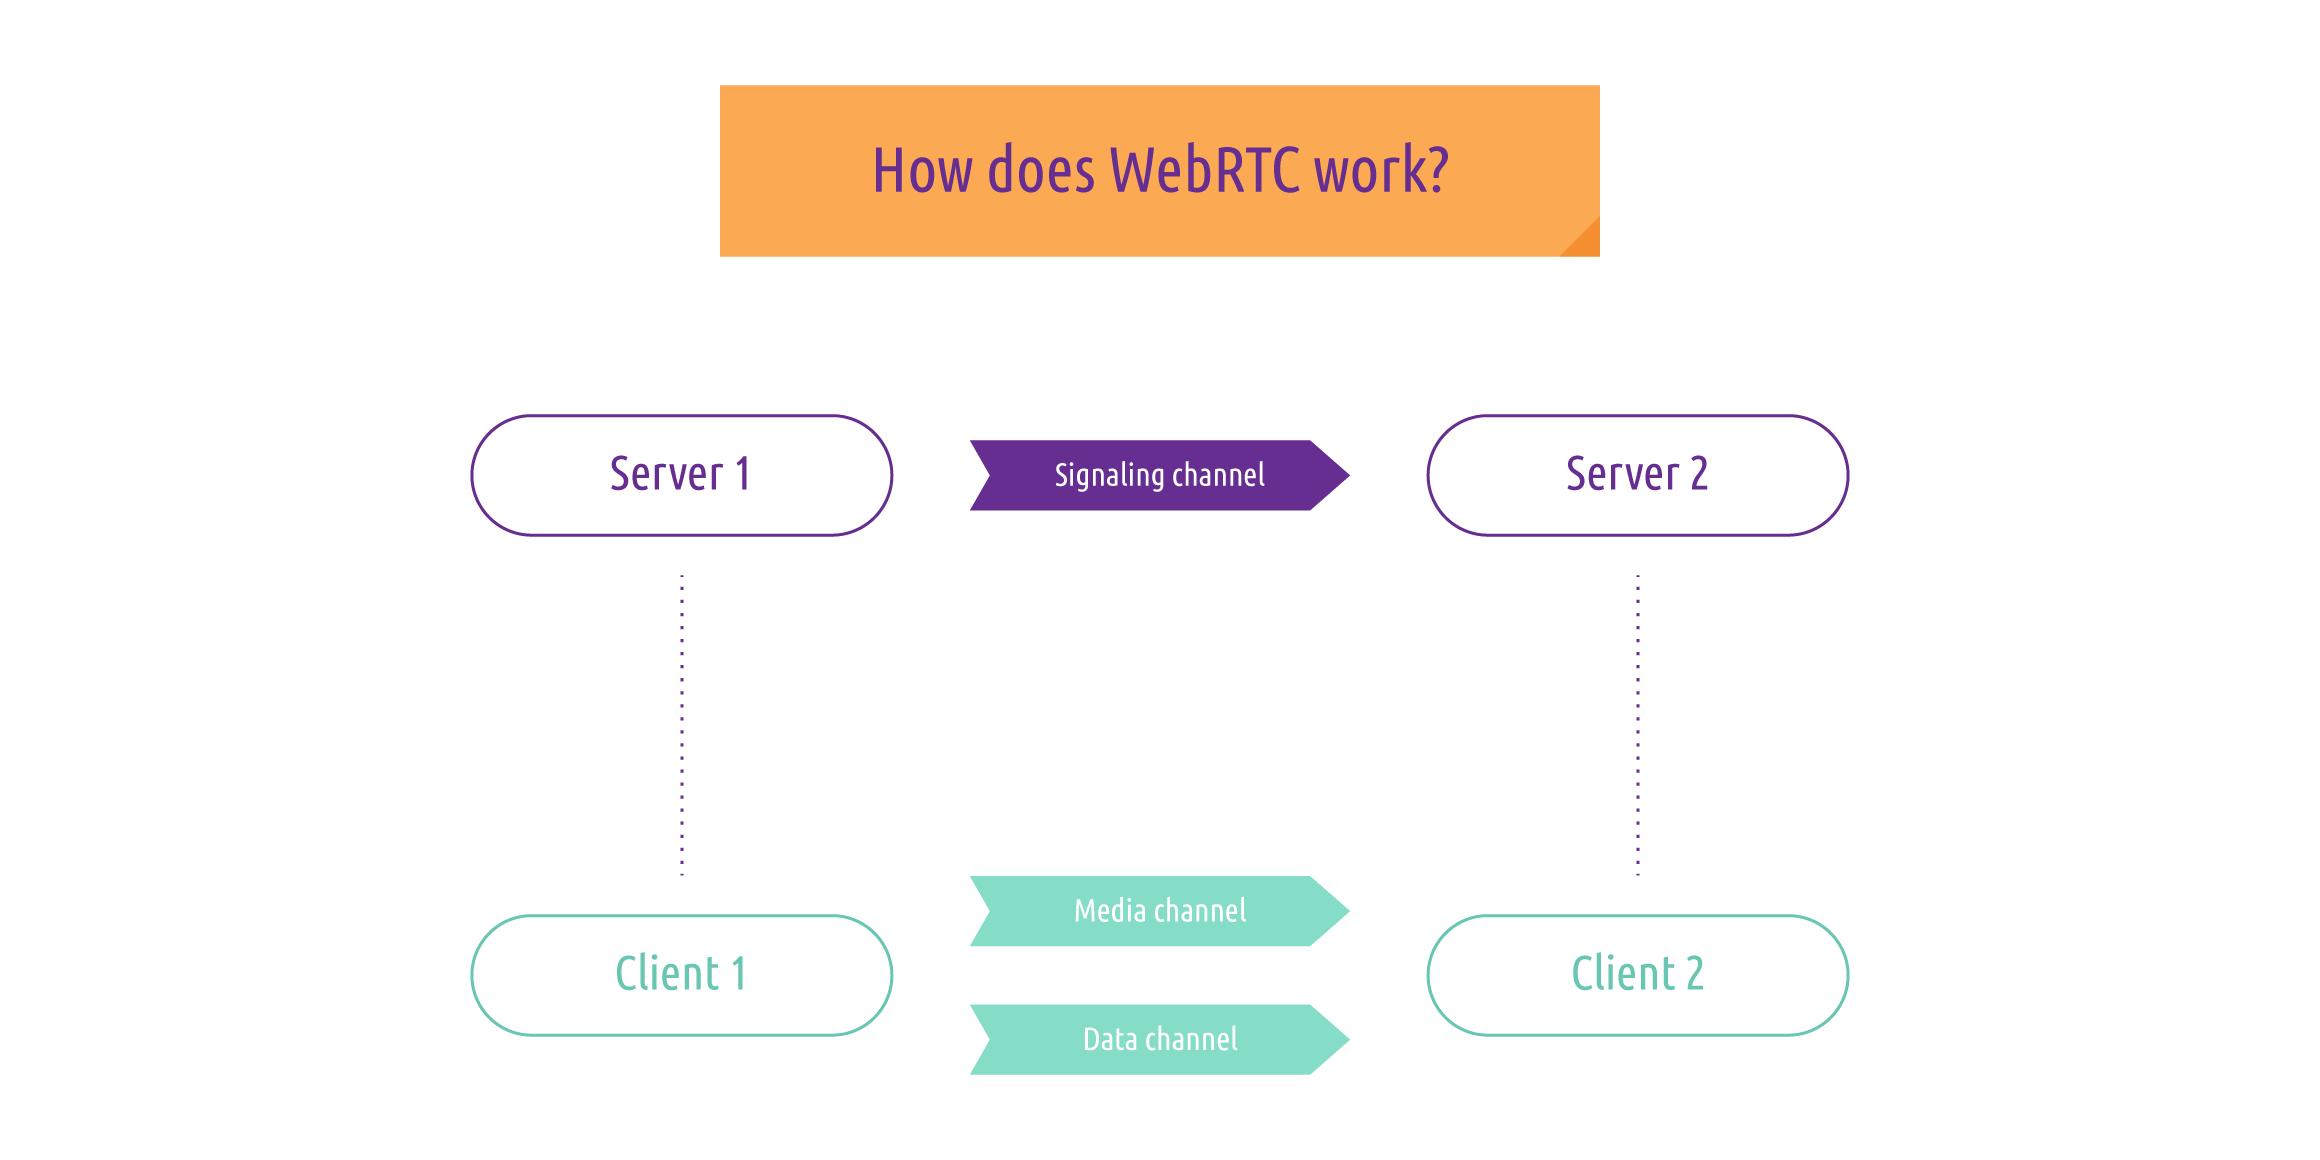 webrtc-model